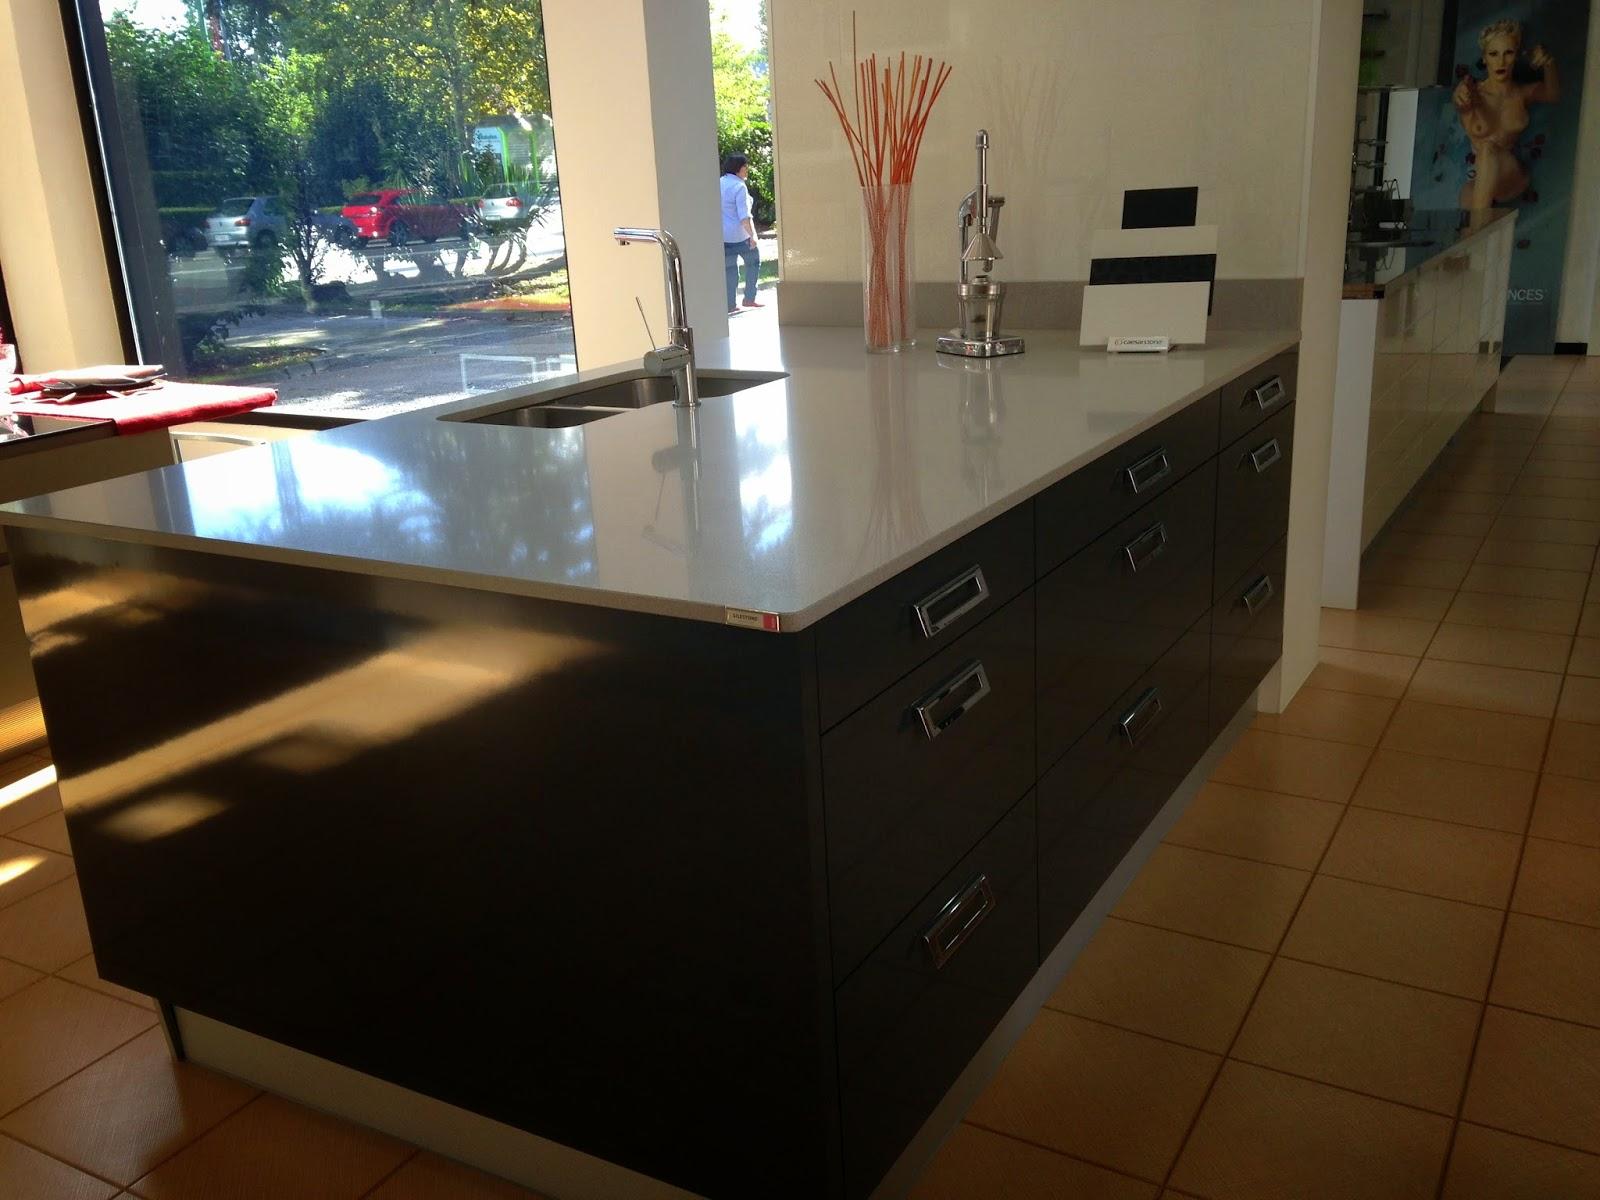 Precios especiales en muebles de cocina por cambio de exposicion getxoreformas d a a d a - Precios encimeras cocina ...